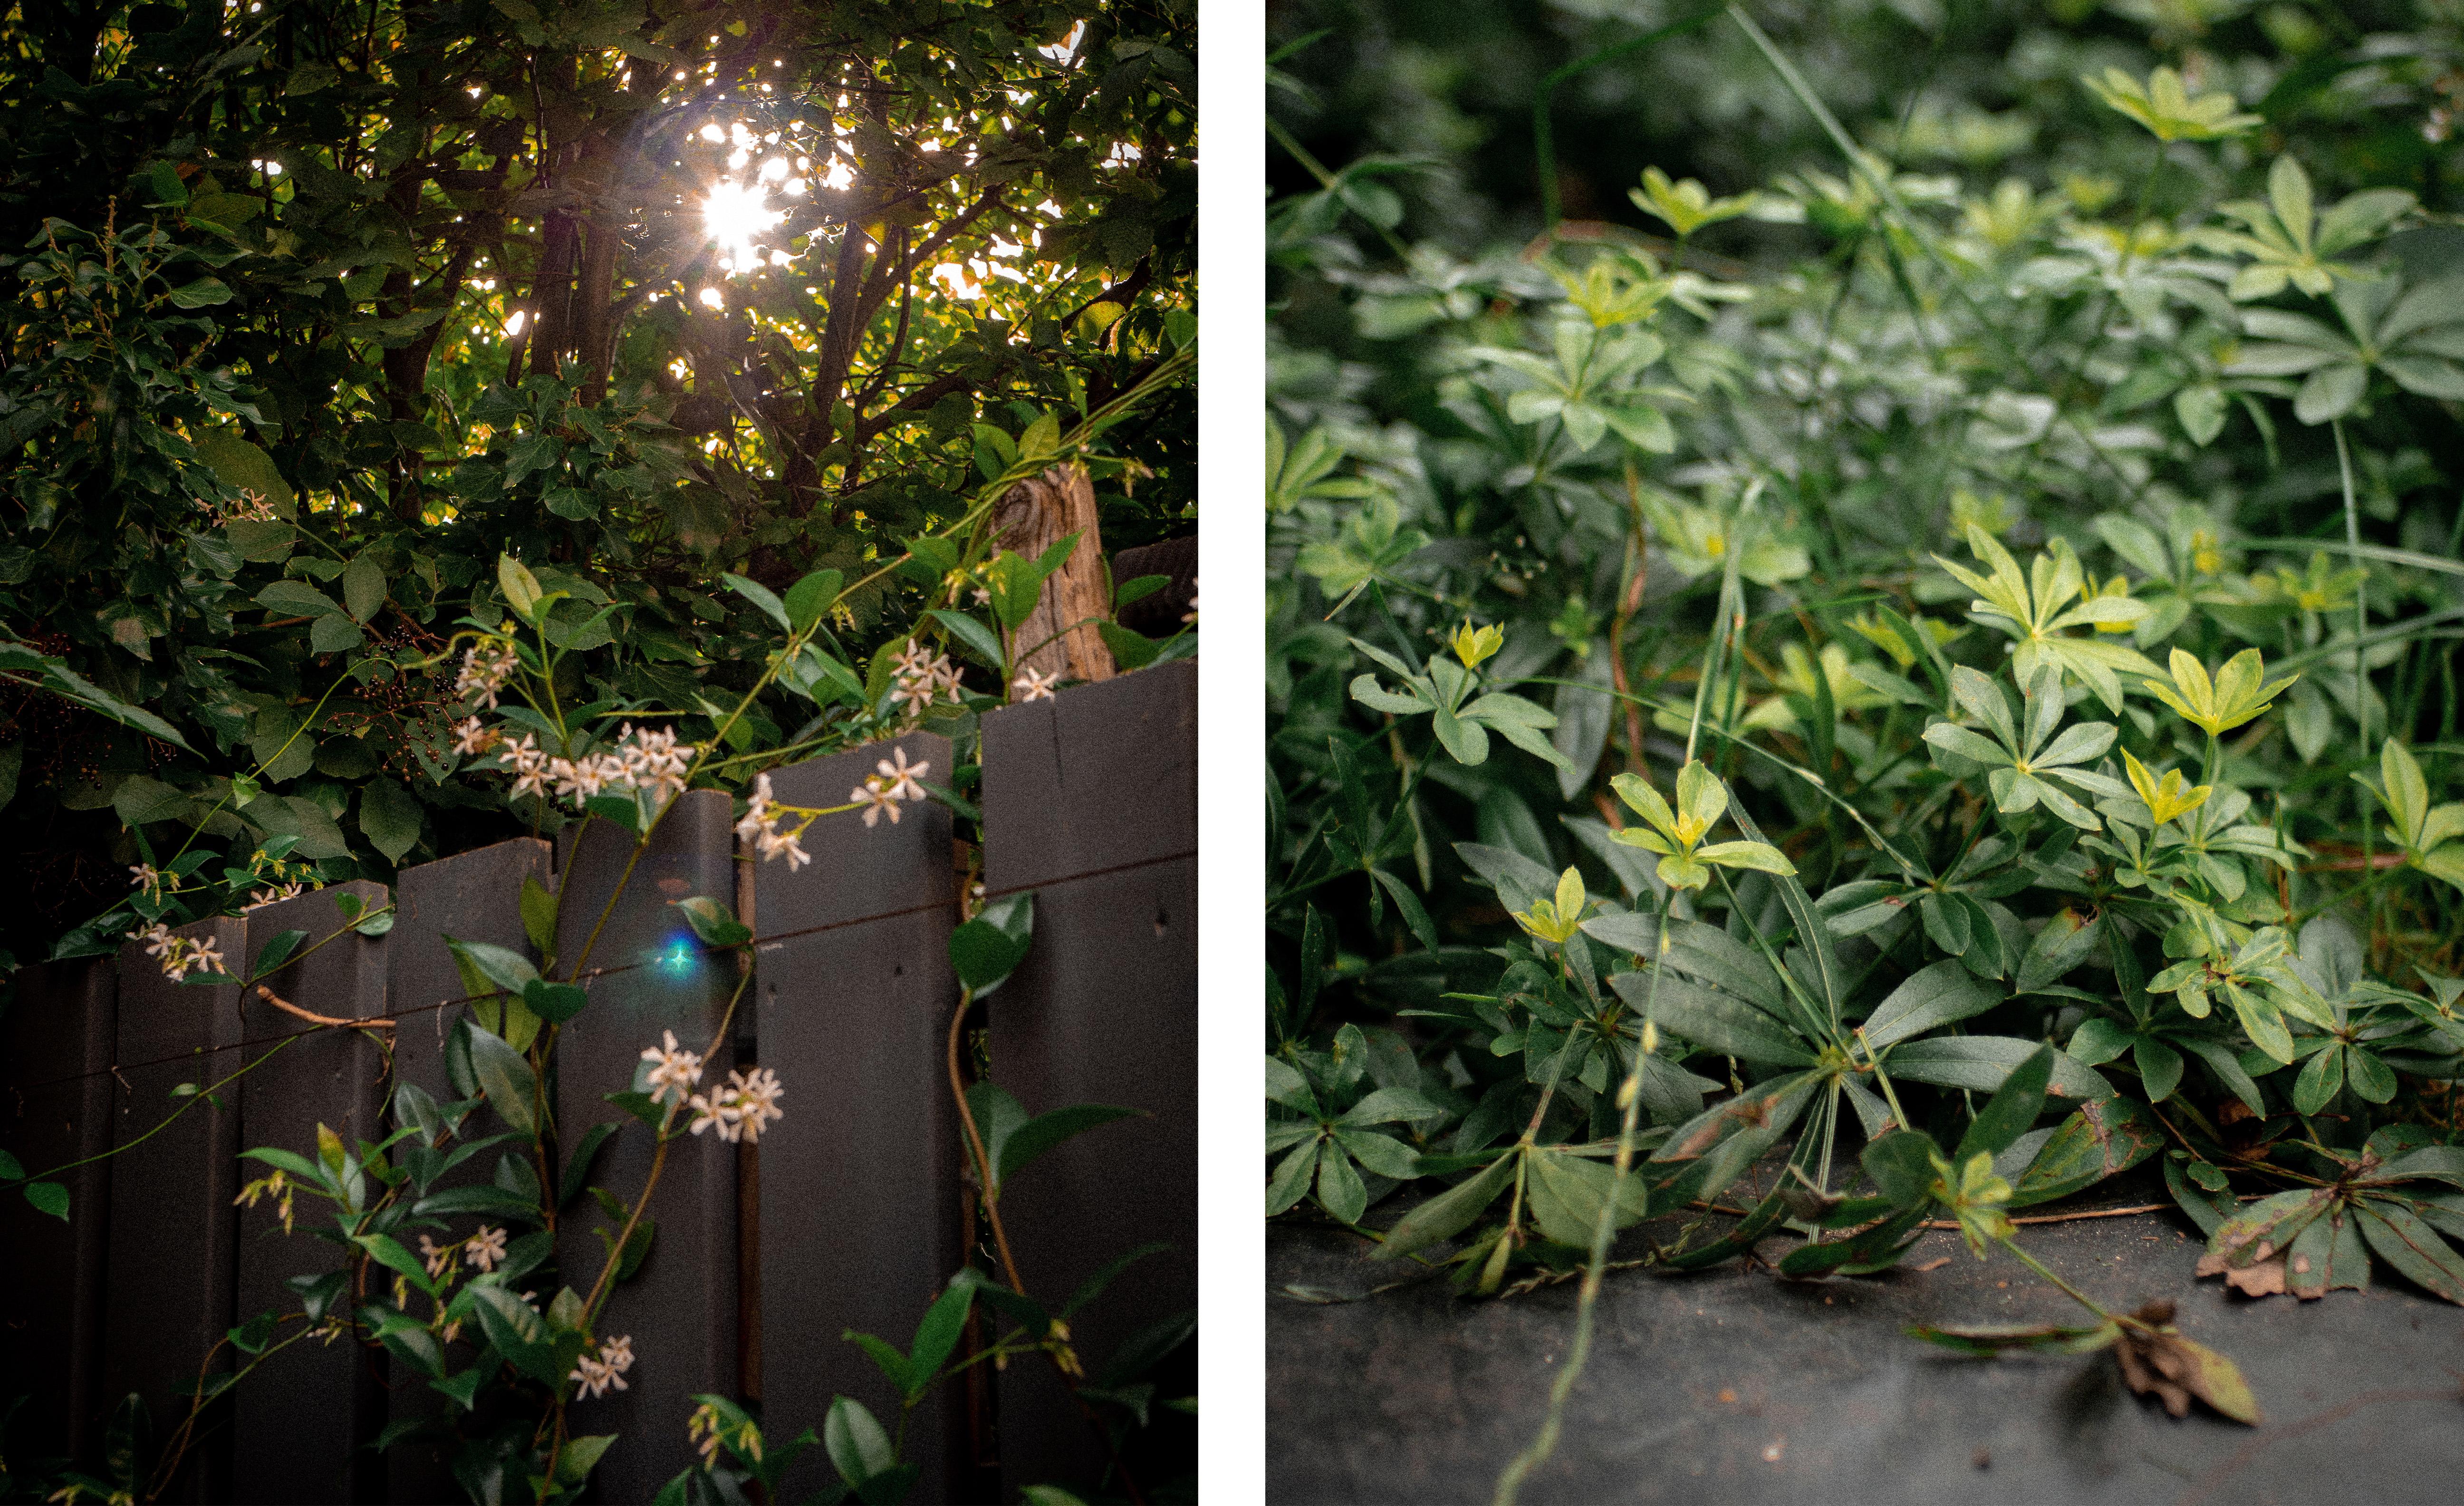 08_Jardin-infini-à-chatillon-Paysagiste-Hermeline-Carpentier-©photo-Anthony-Marques